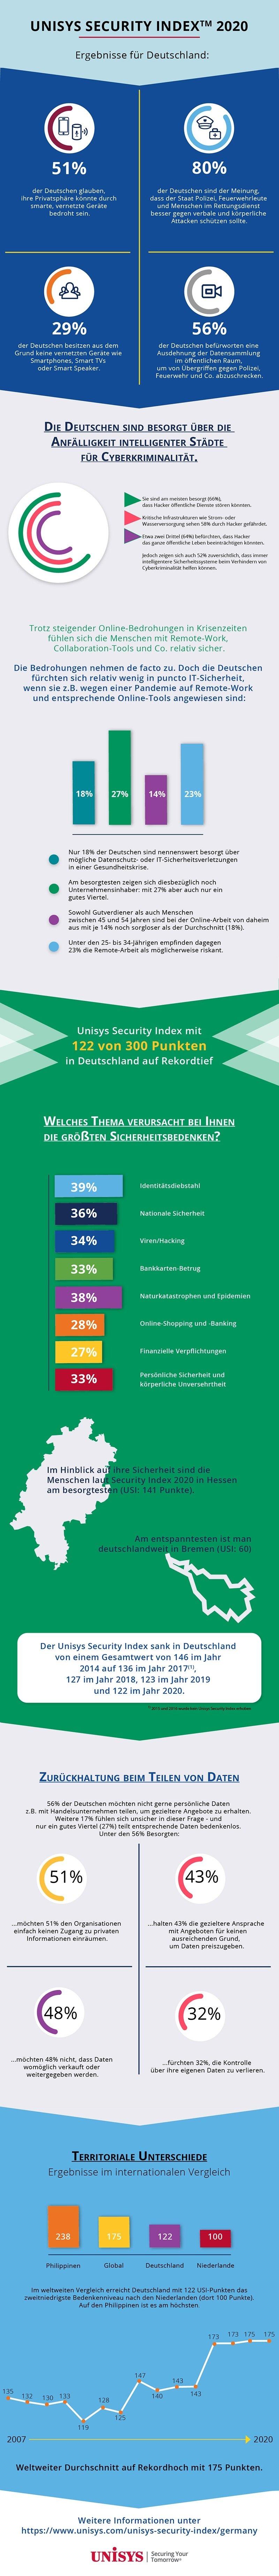 Infografik: Sicherheitsbedenken deutscher Verbraucher im Überblick